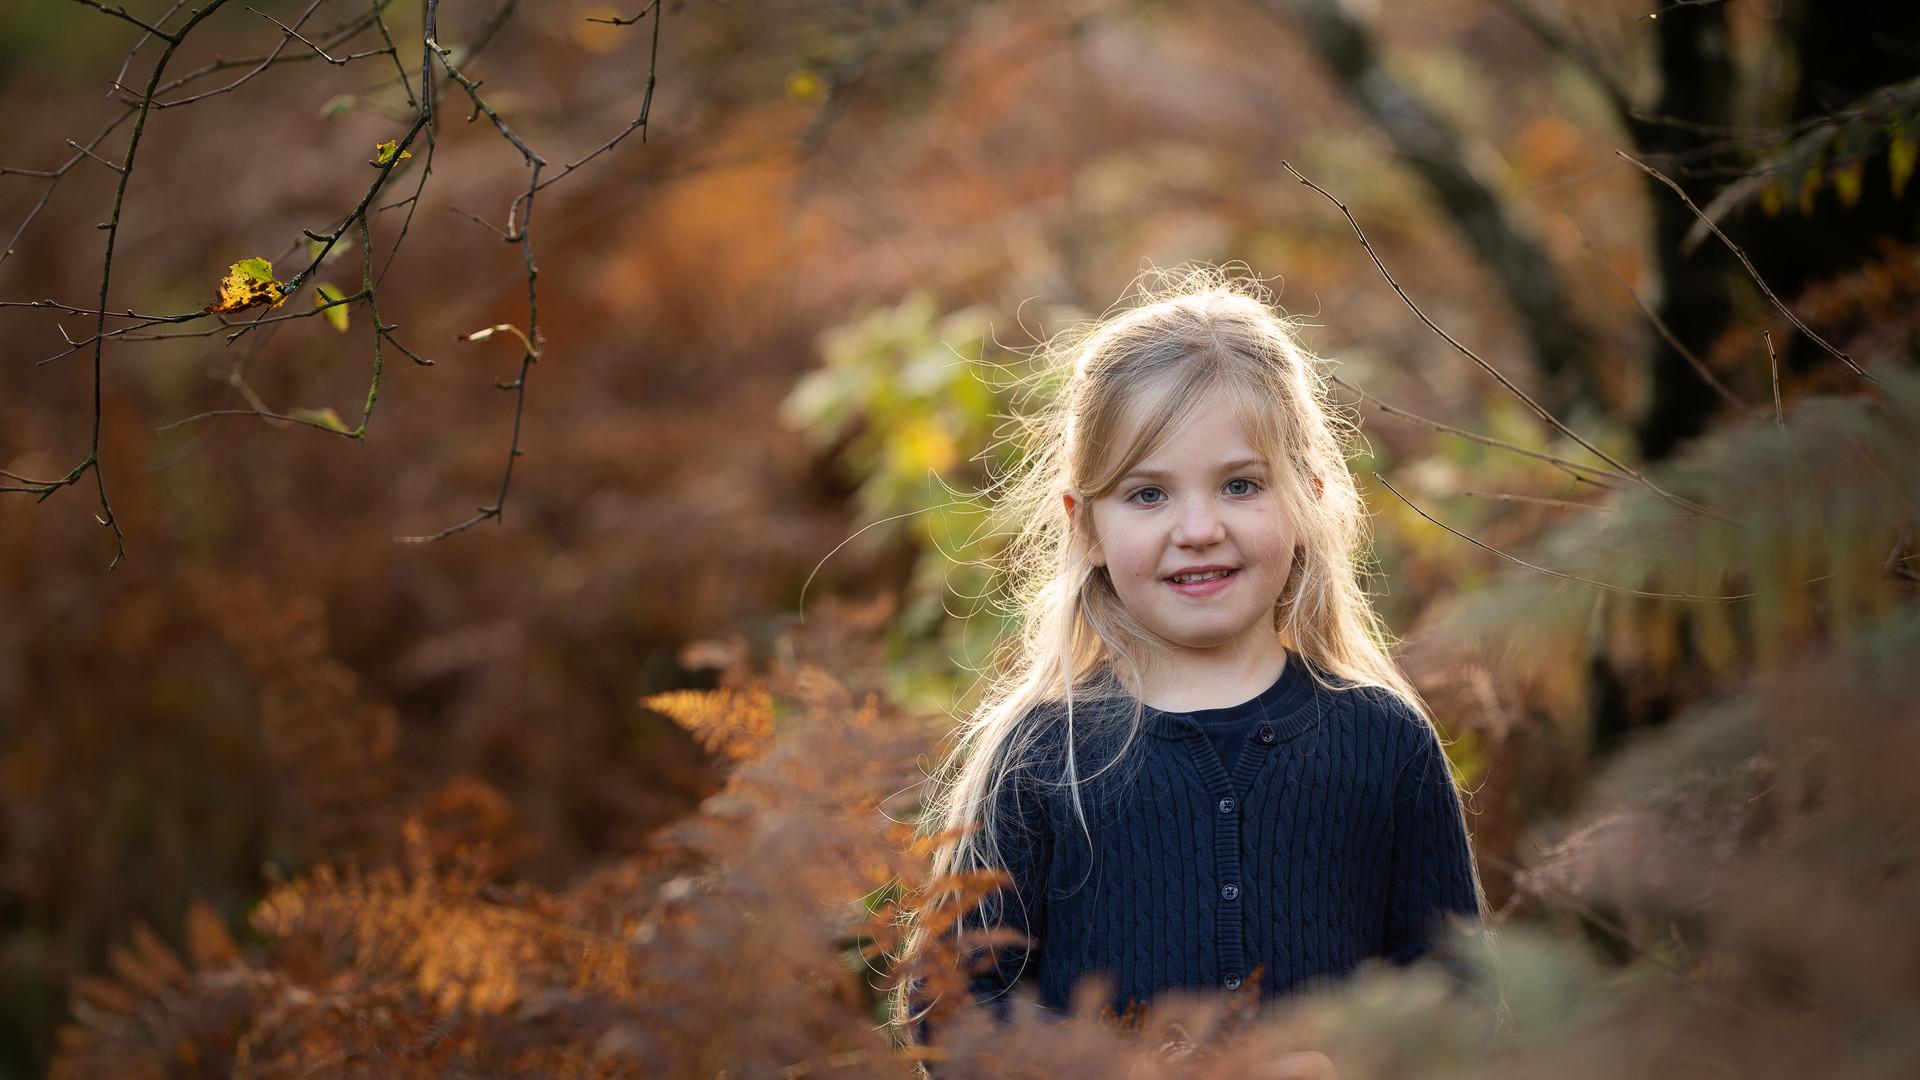 girl among ferns.jpg